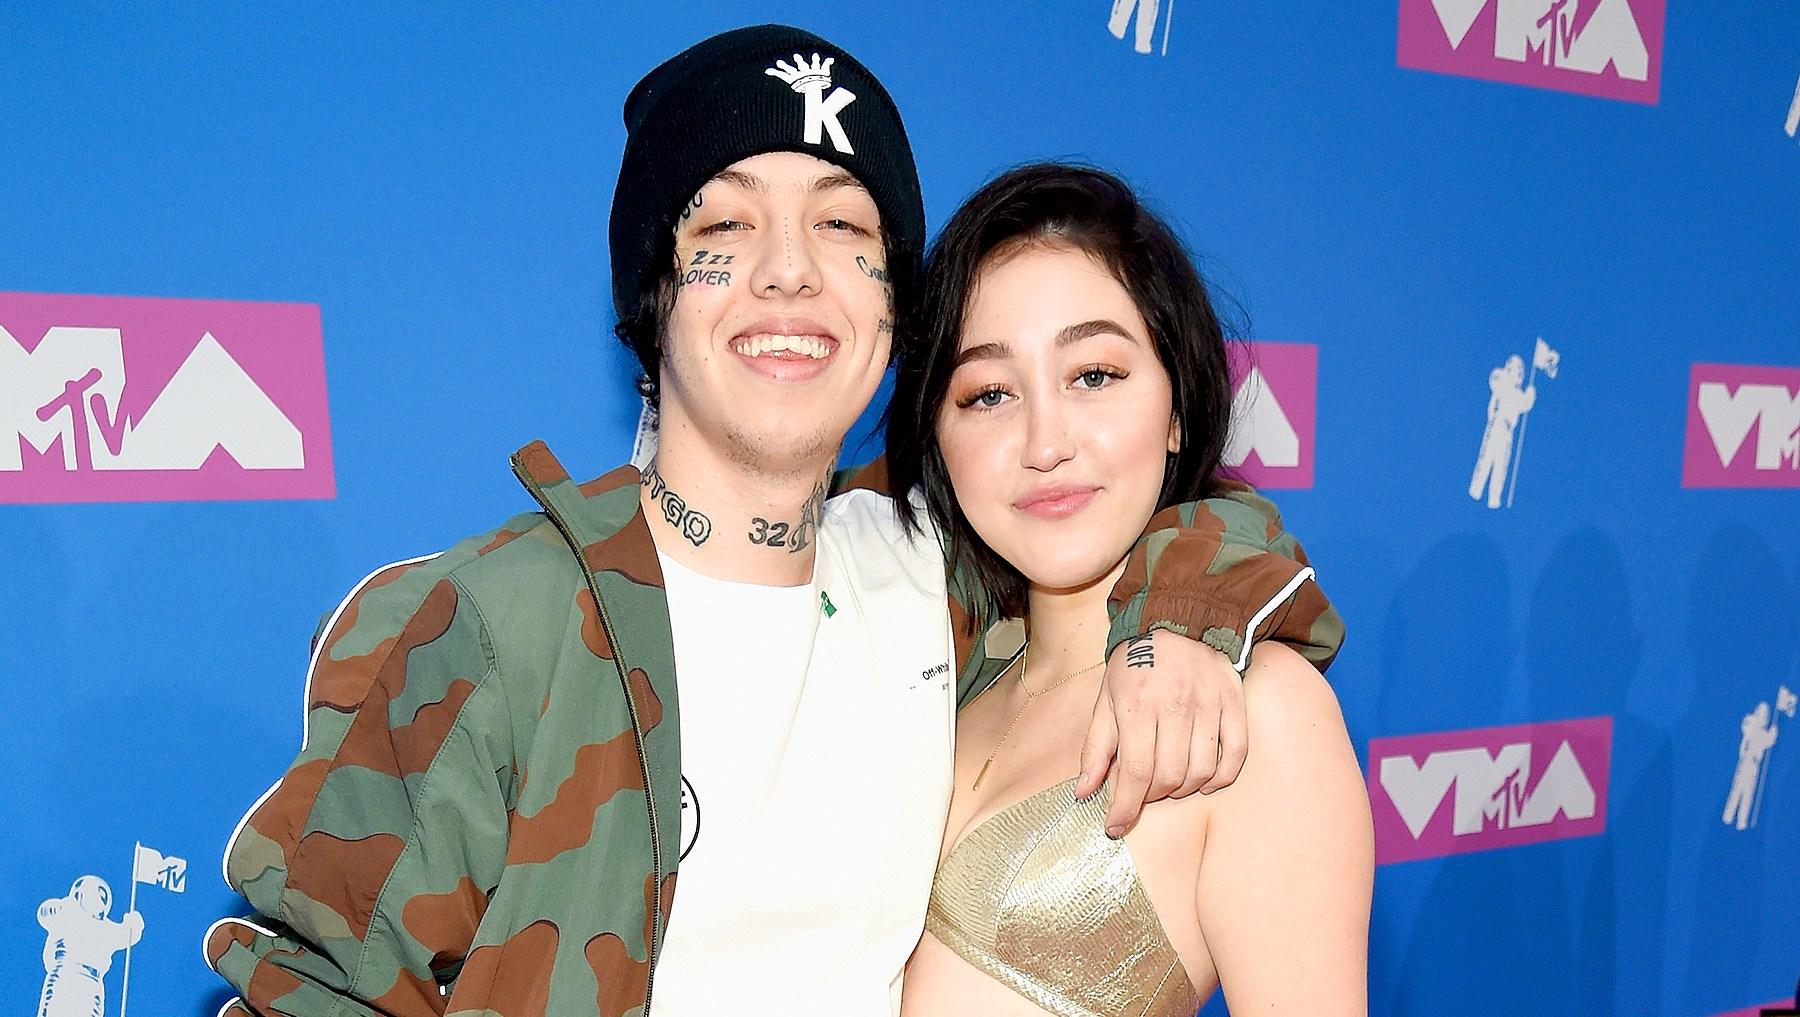 Noah-Cyrus-Lil-Xan